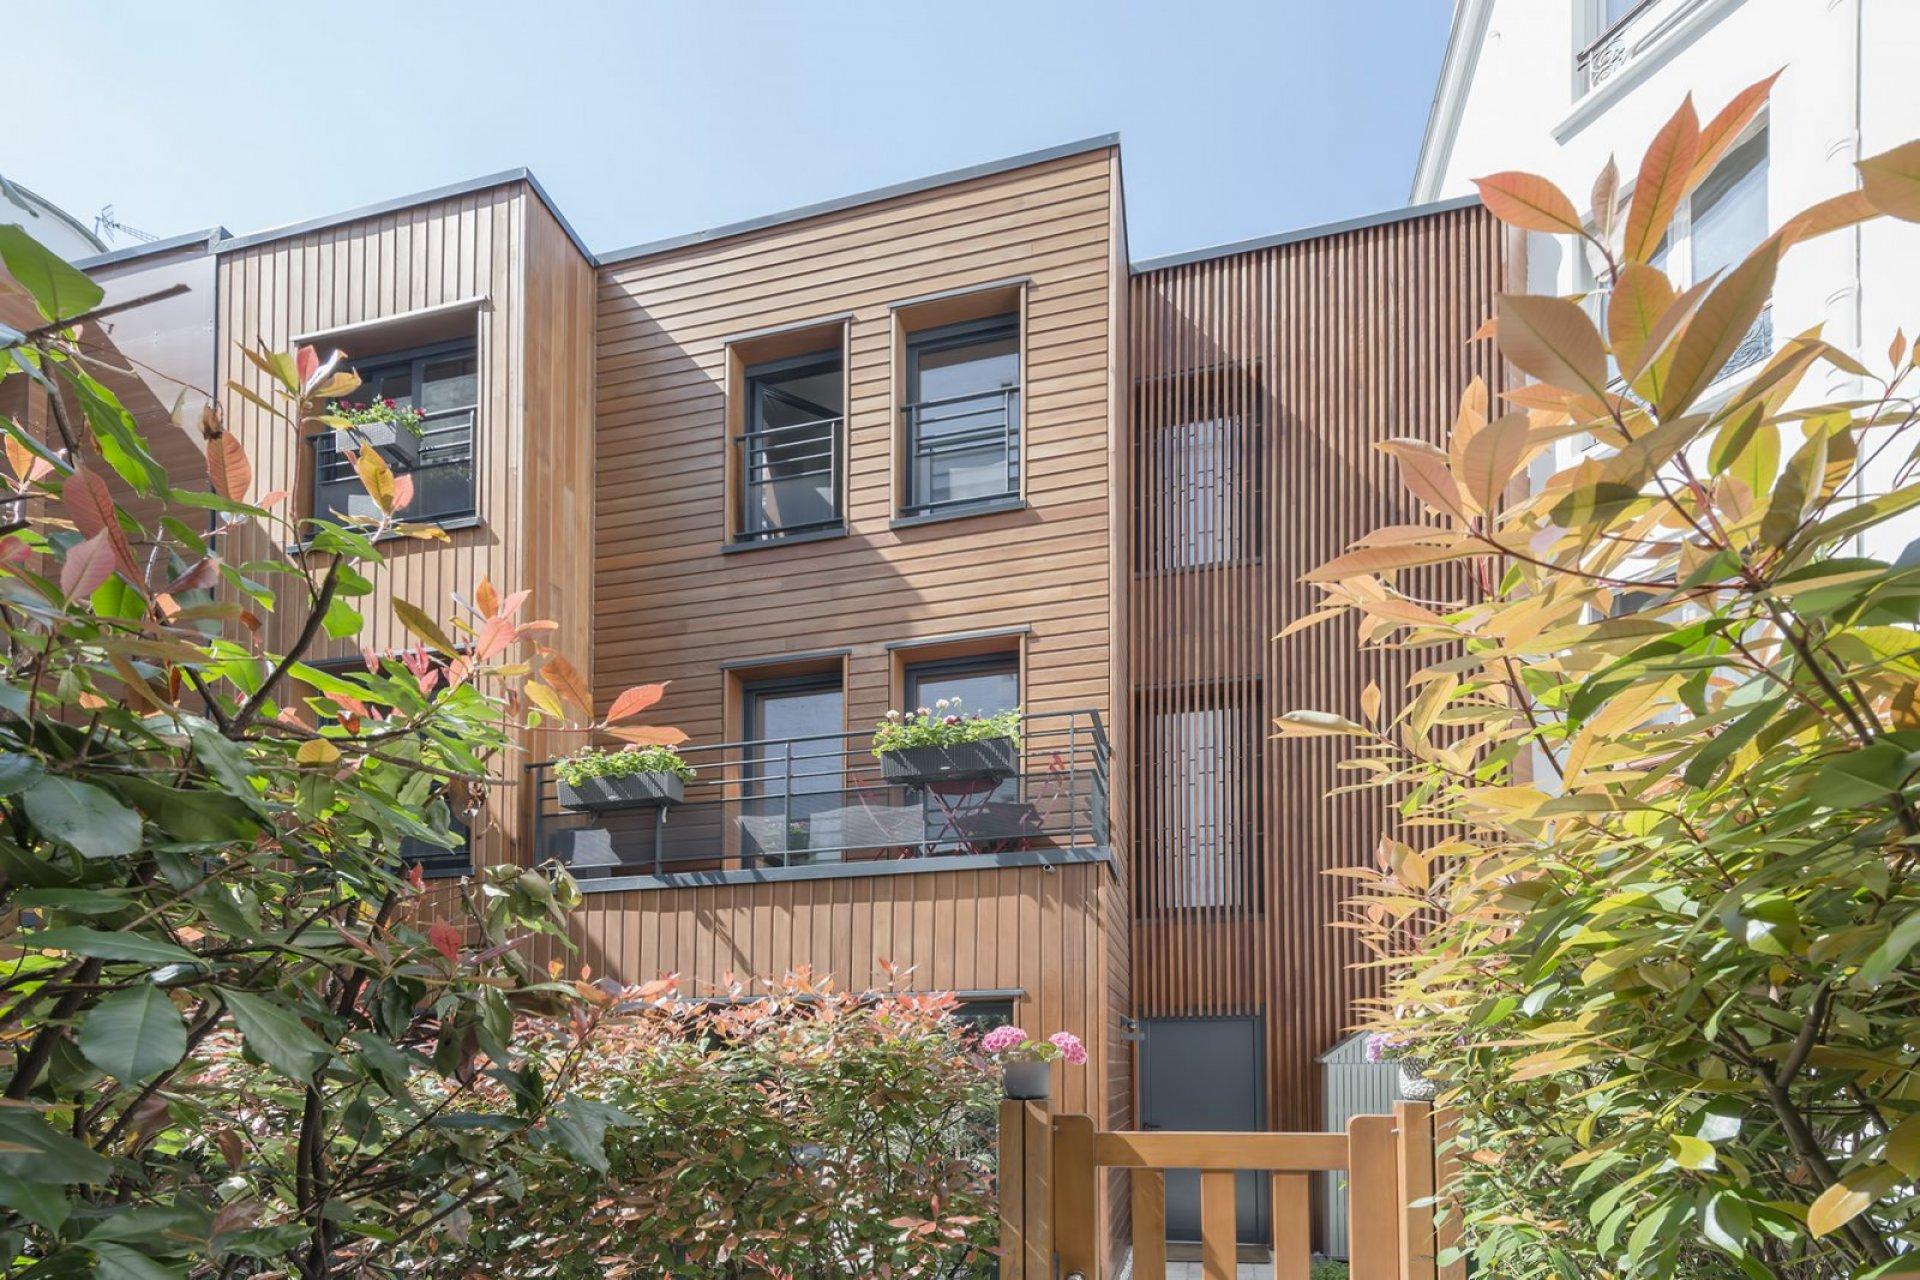 Vente Maison Moderne Avec Jardin 5 Pièces F5 T5 pour Maison A Vendre Draveil Paris Jardin